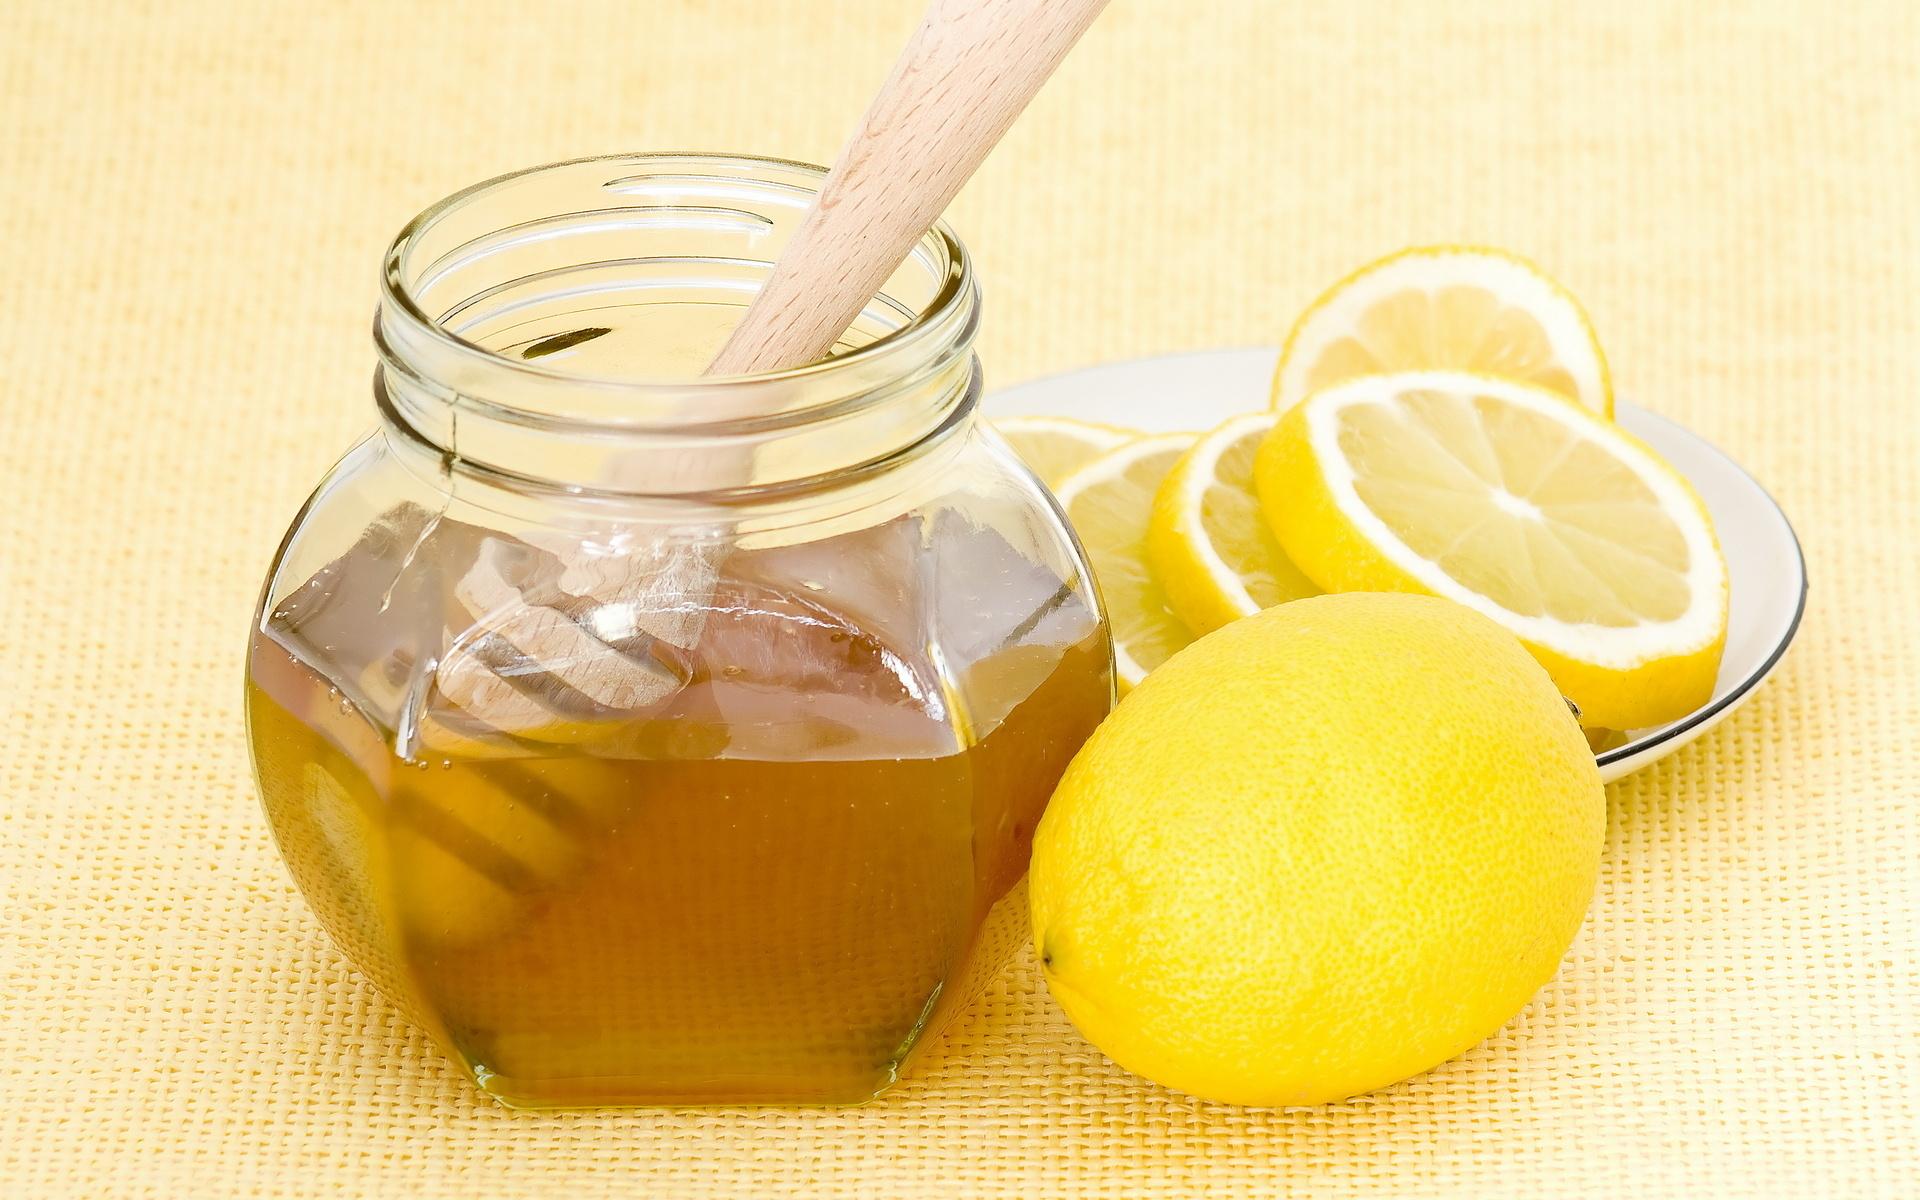 вода с медом и лимоном натощак рецепт